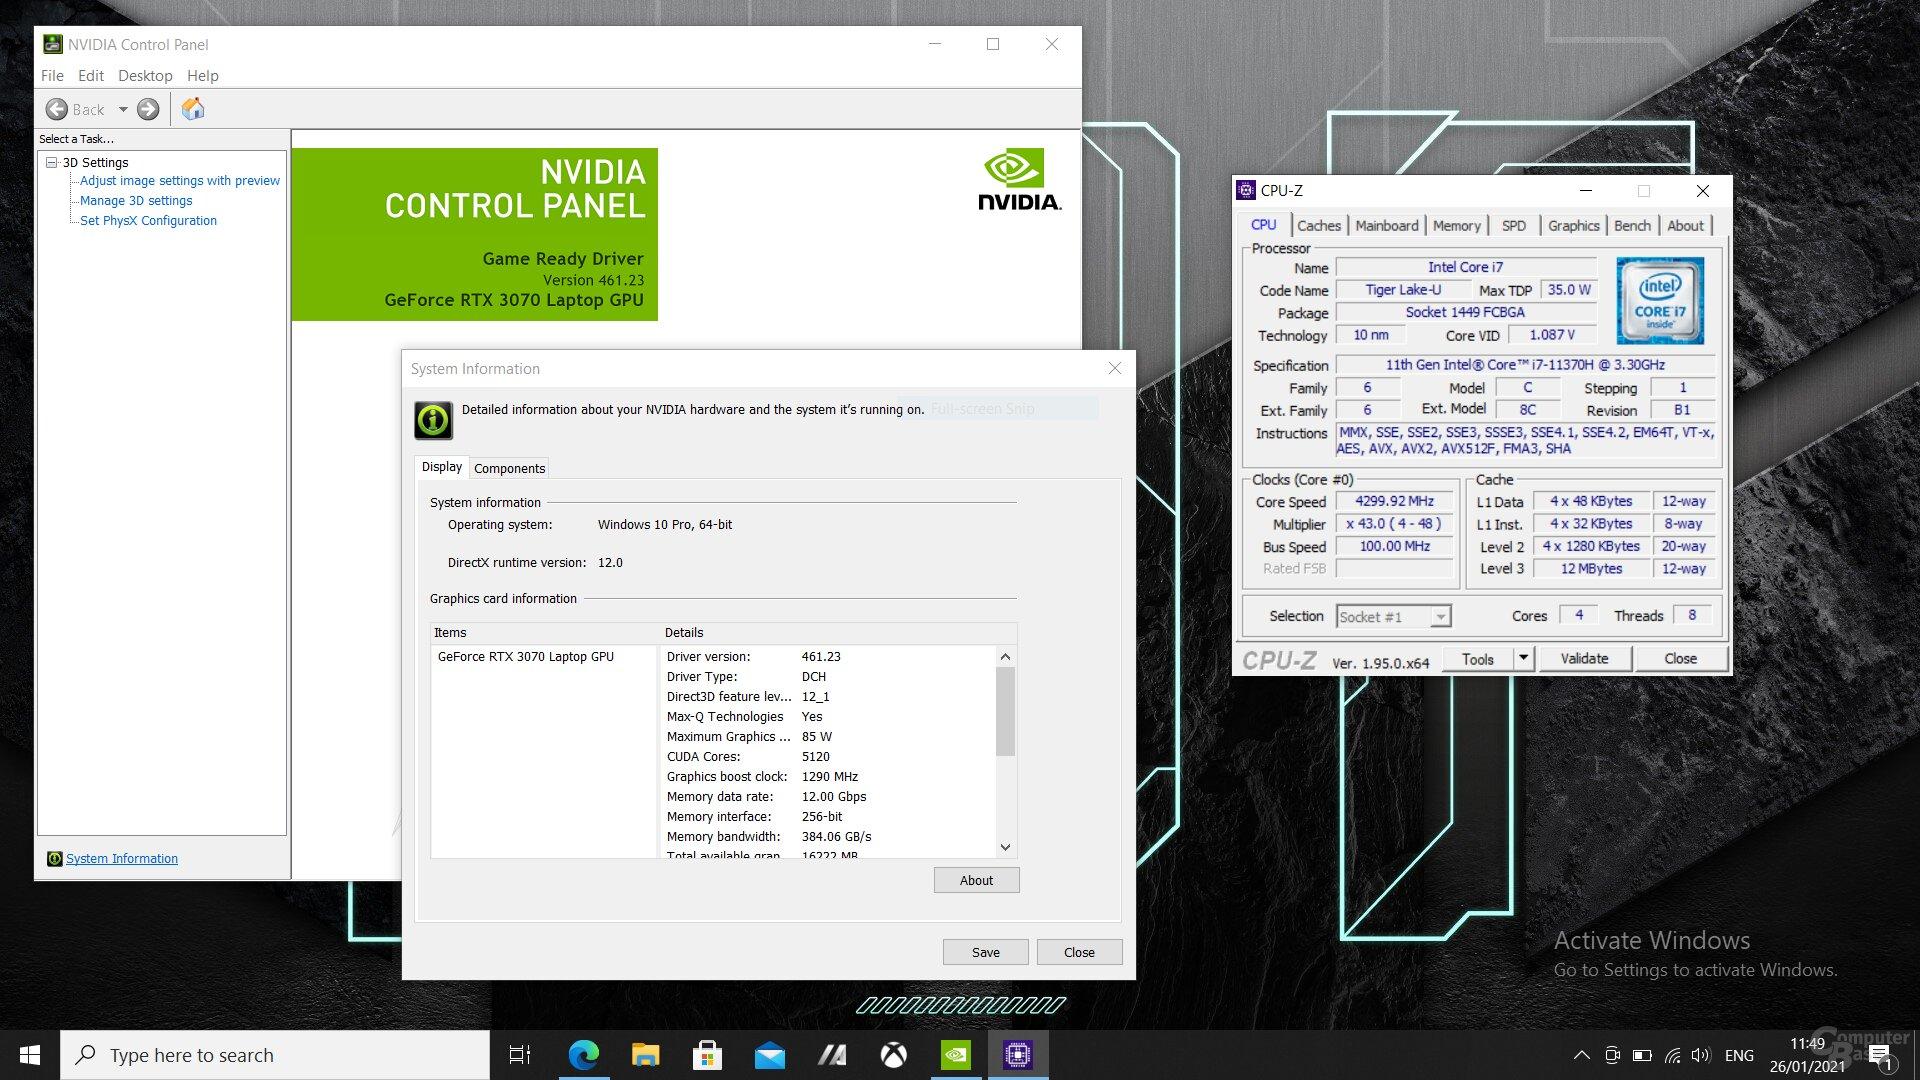 Eine gewagte Kombination - Tiger Lake-H35 mit 4 Kernen und GeForce RTX 3070 Laptop GPU